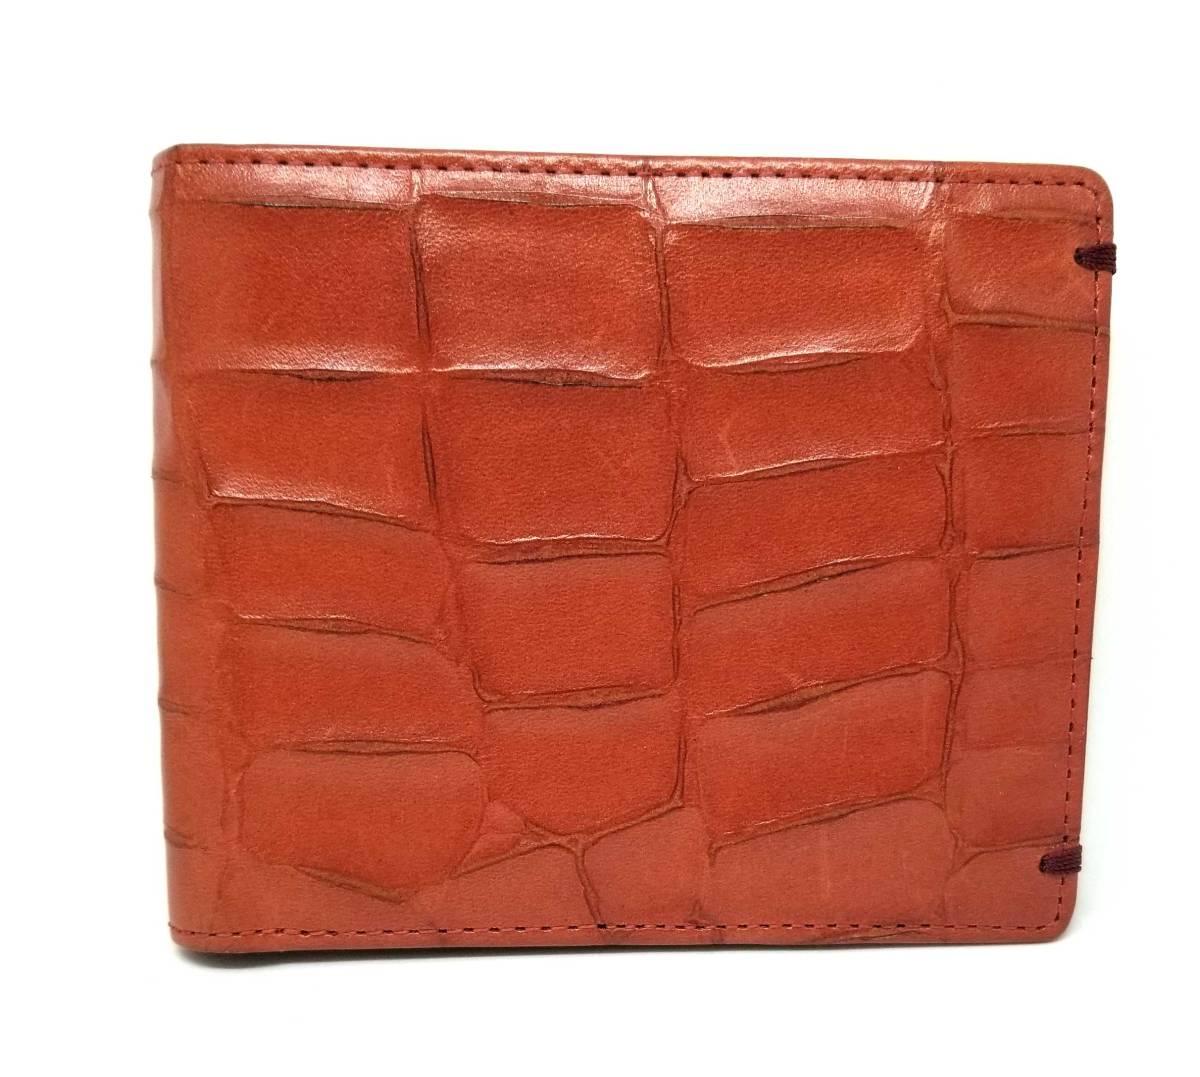 新品同様 ポールスミス 二つ折り財布 メンズ 財布 型押しレザー ブラウン クロコ調 茶色 レザー Paul Smith 【中古】